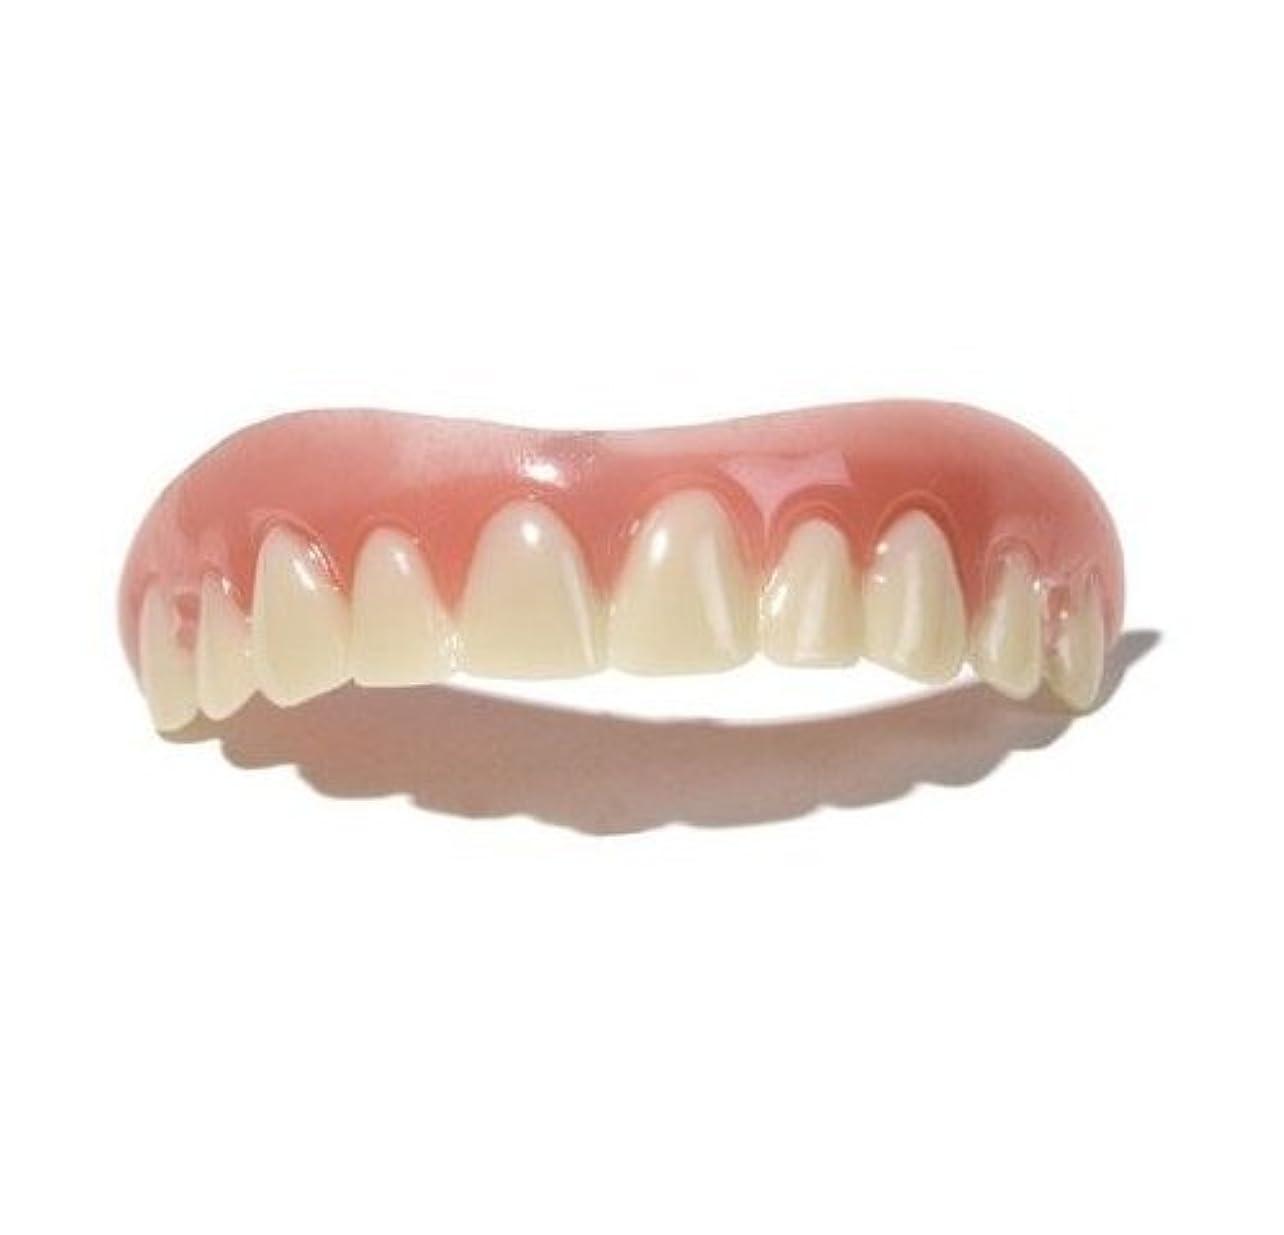 シングル連鎖高度なインスタント 美容 つけ歯 上歯(free size (Medium)) [並行輸入品]